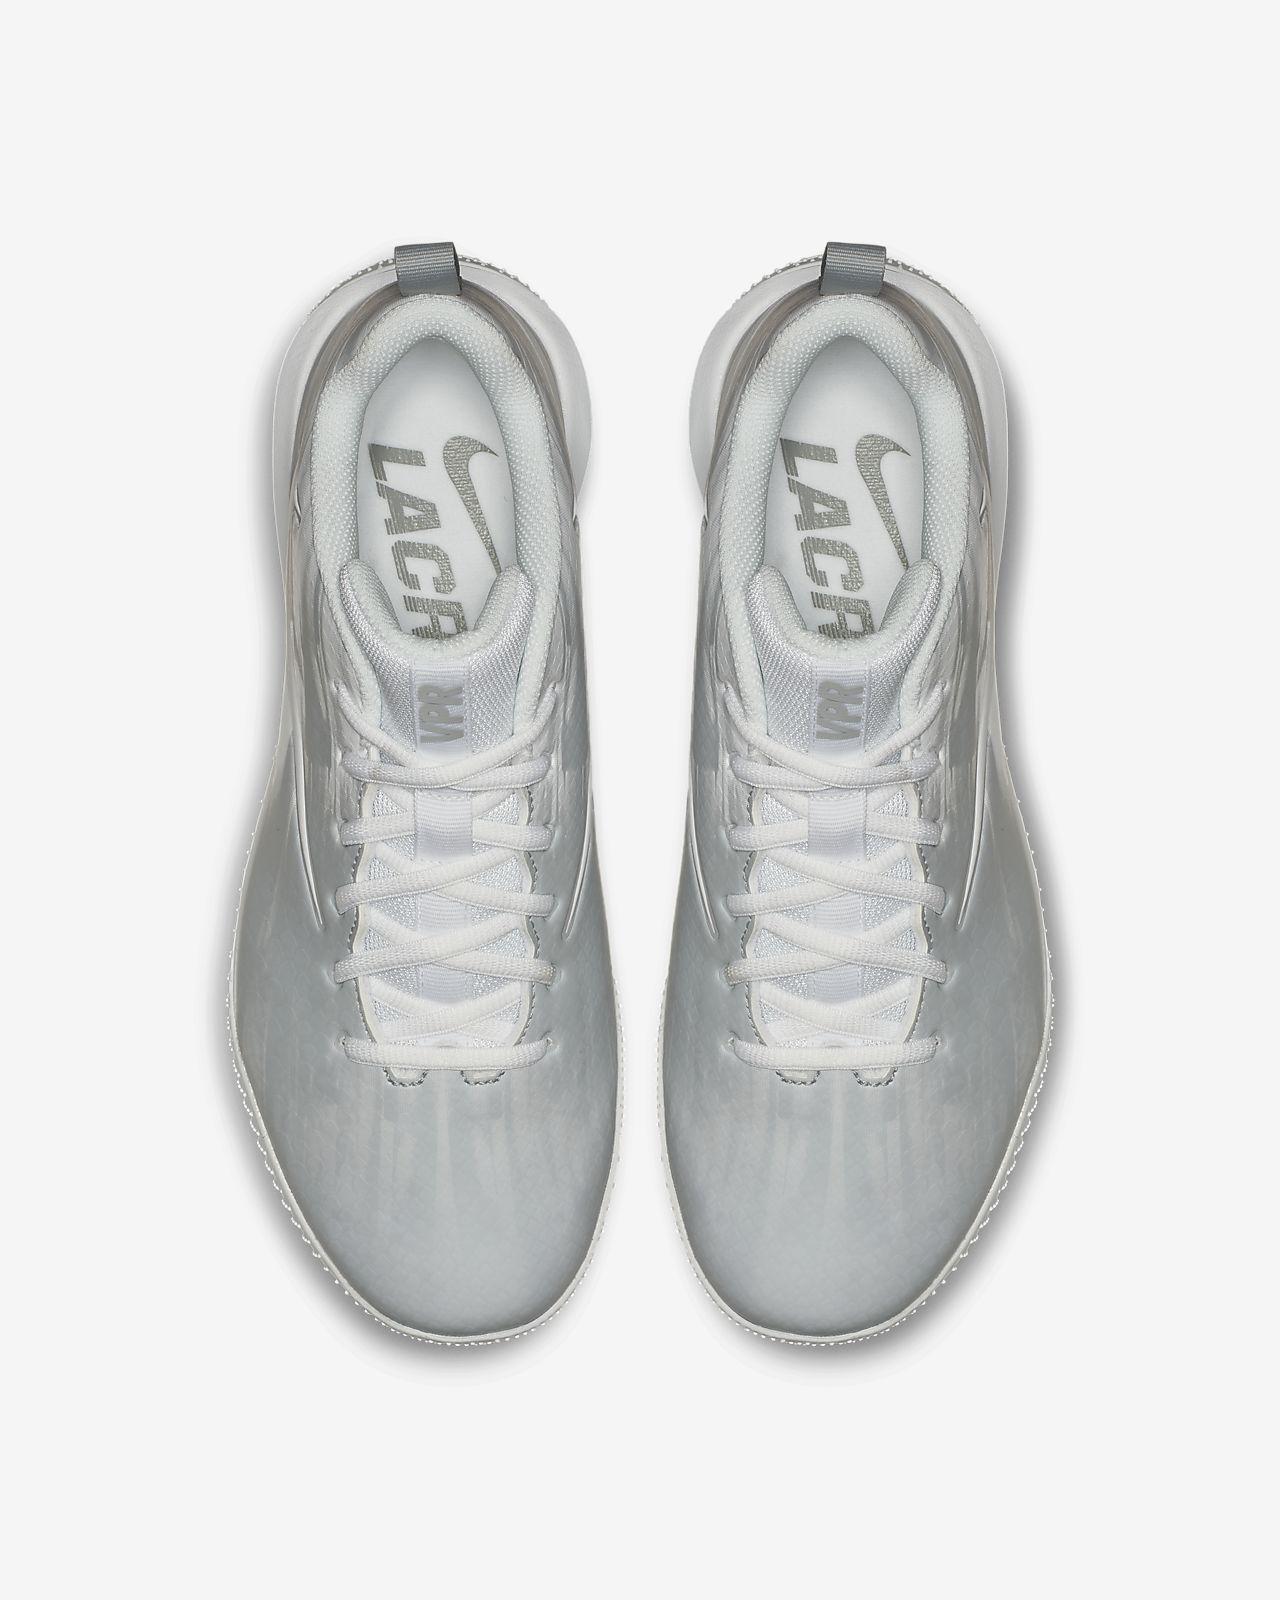 3502c5825 Nike Vapor Varsity Low Turf LAX Lacrosse Shoe. Nike.com